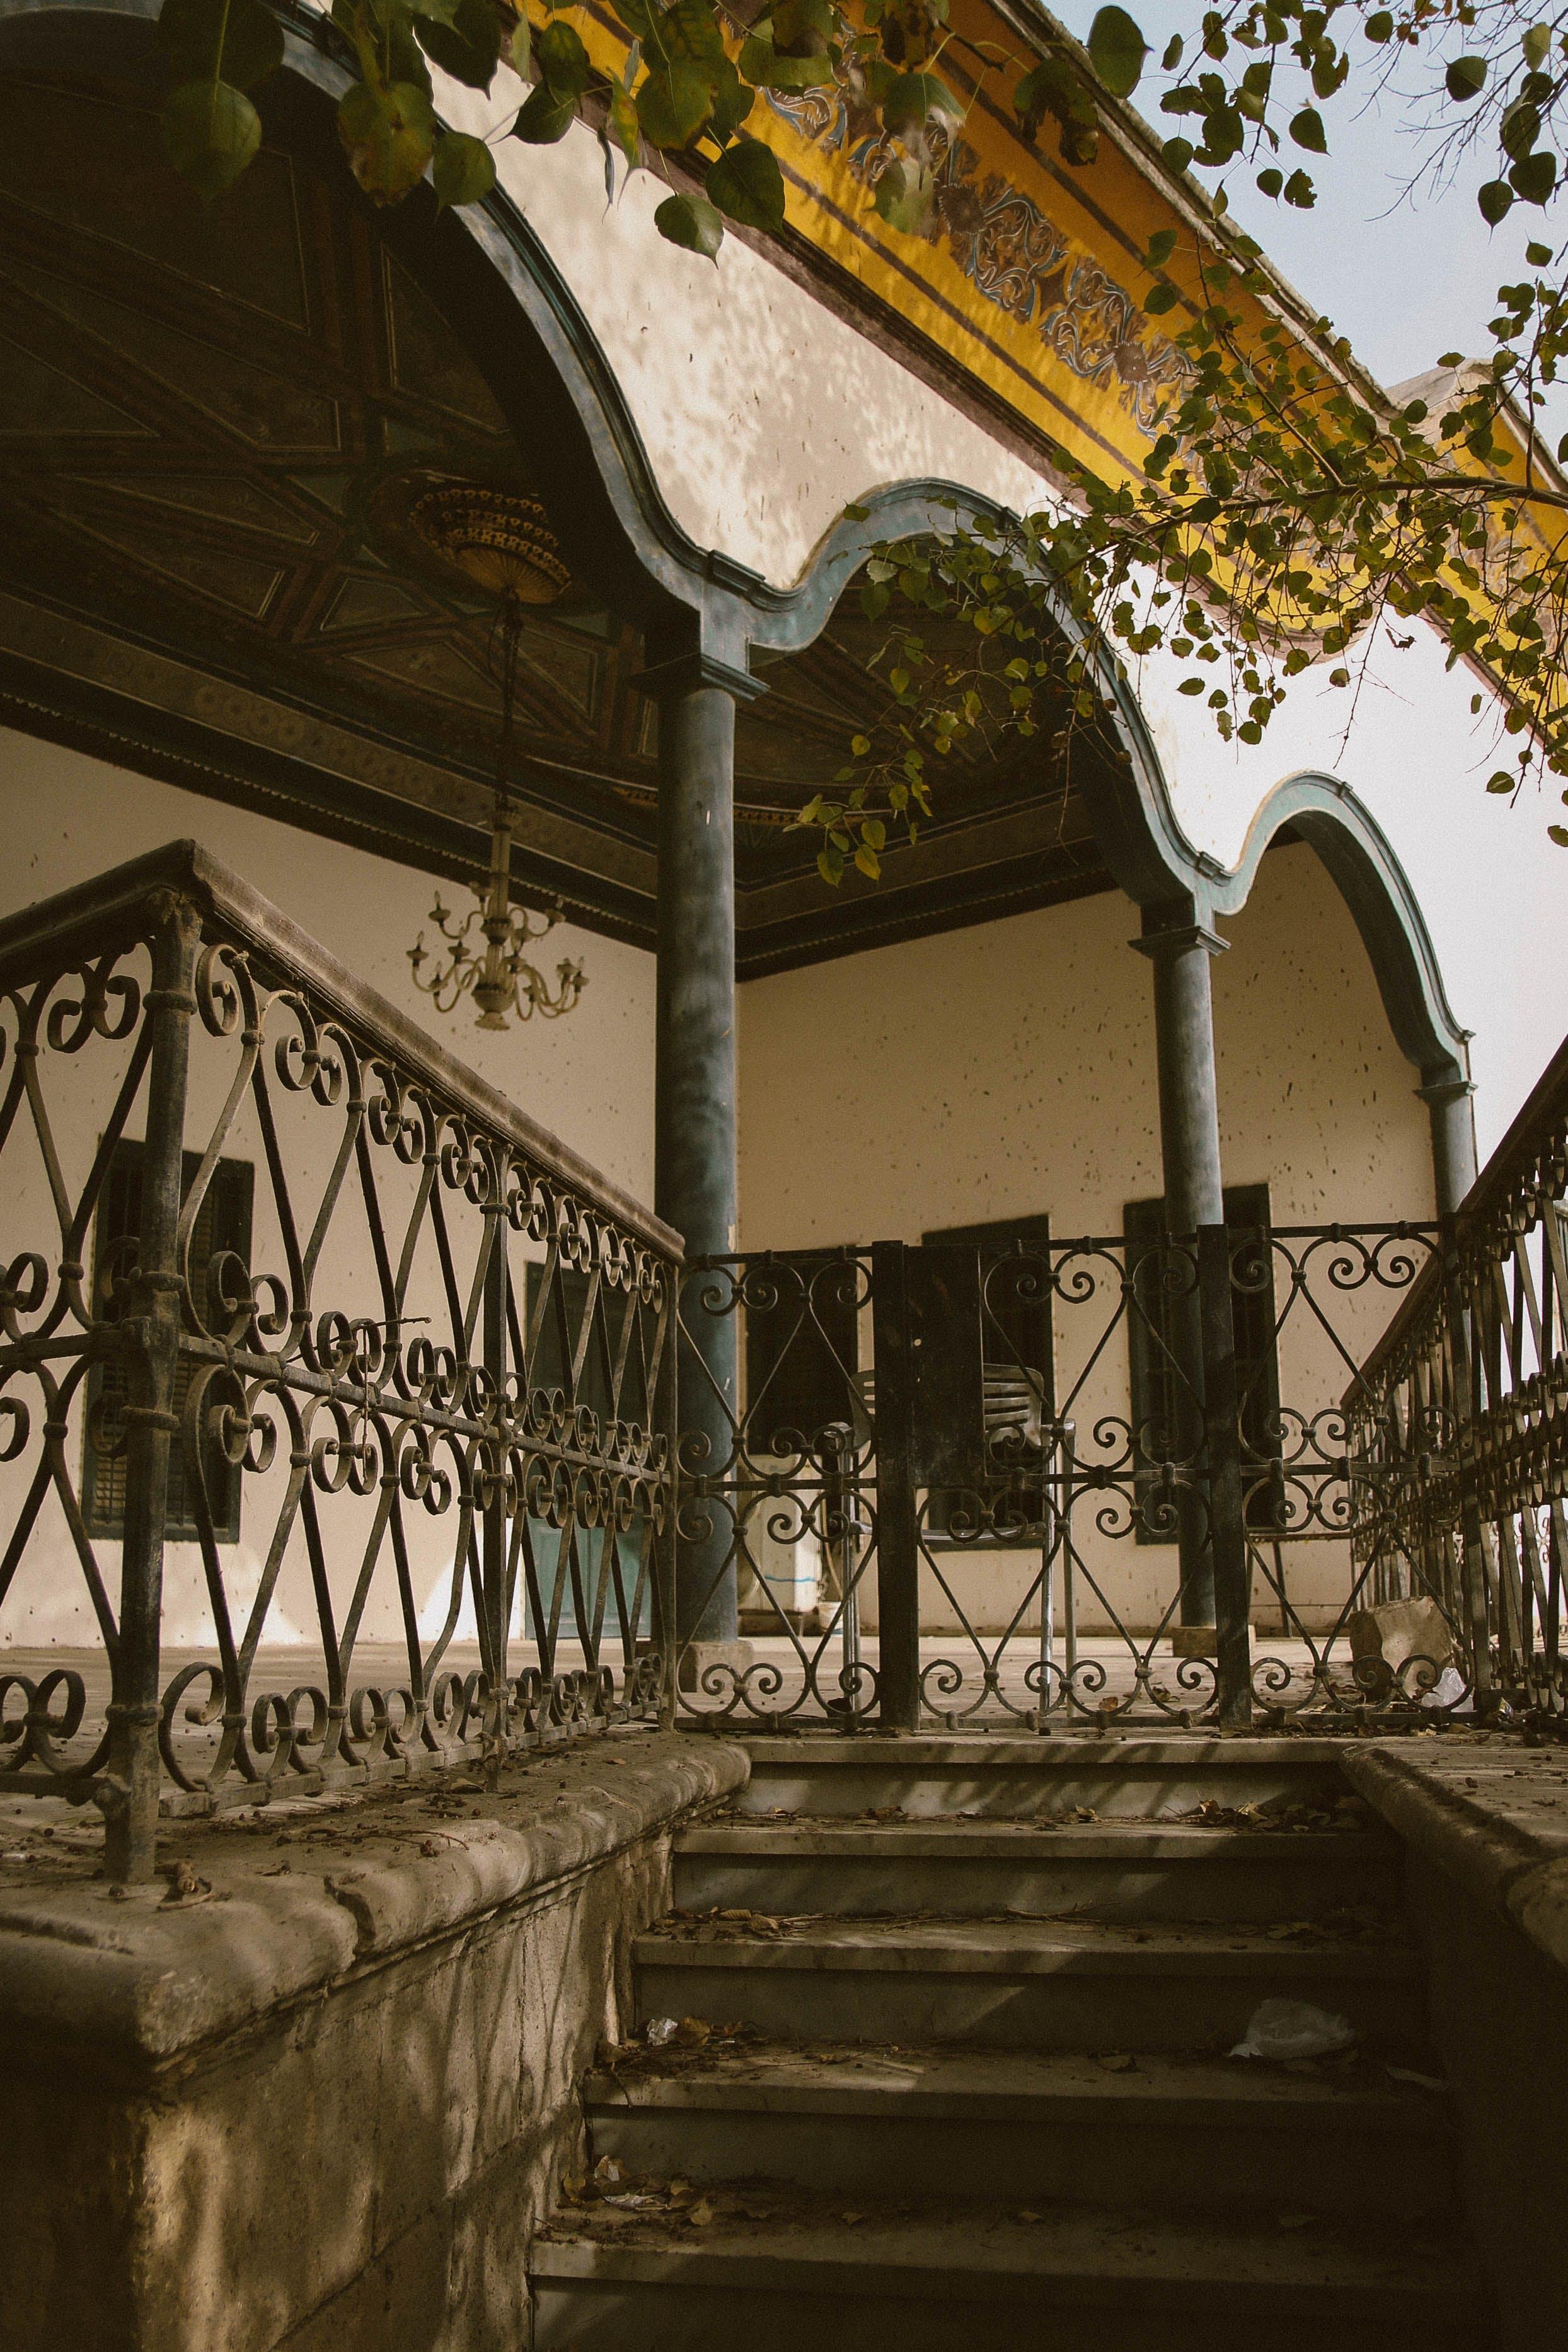 Black Metal Gate Beside House